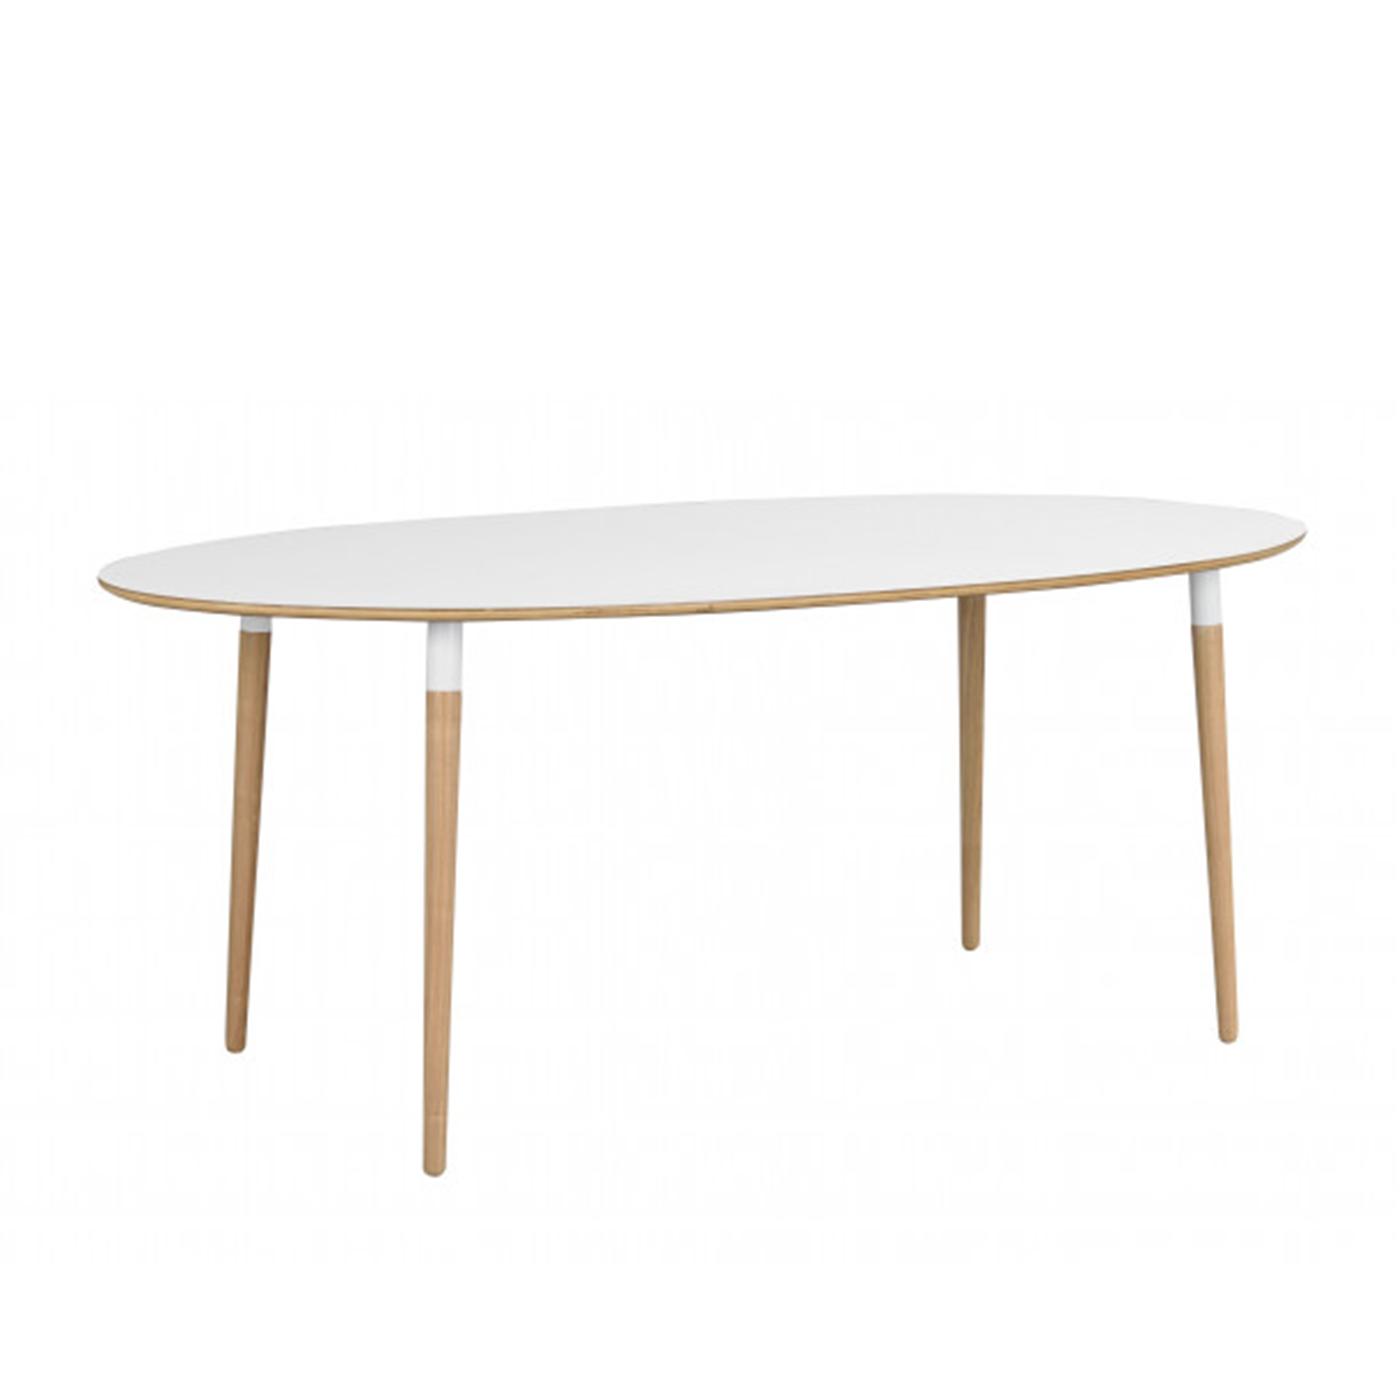 Tweedehands Design Eetstoelen.Leenbakker Eetkamerset Keukentafels En Stoelen Tweedehands